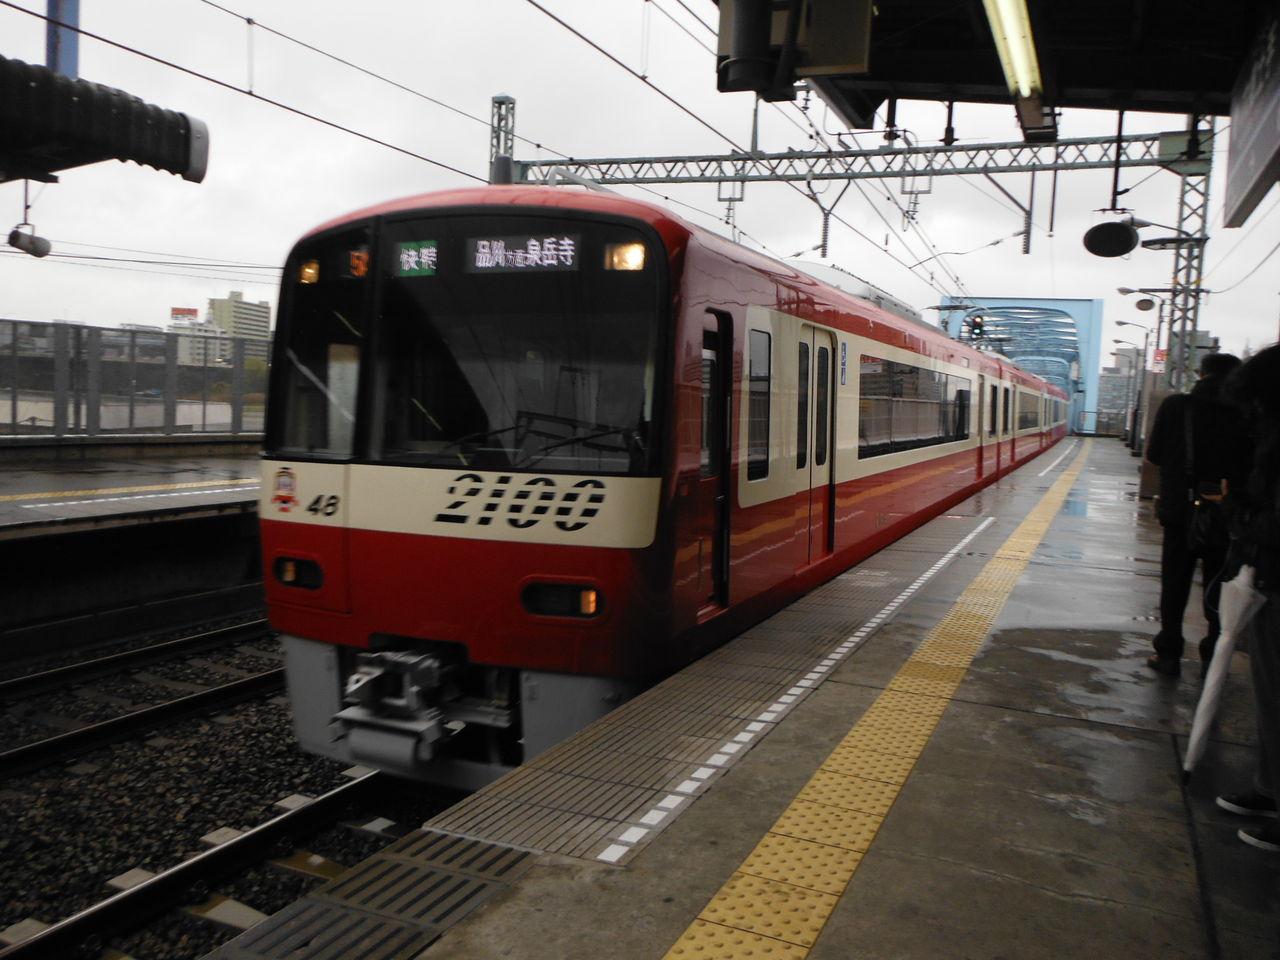 2017/03/27 京急朝ラッシュ撮影…その16(29)